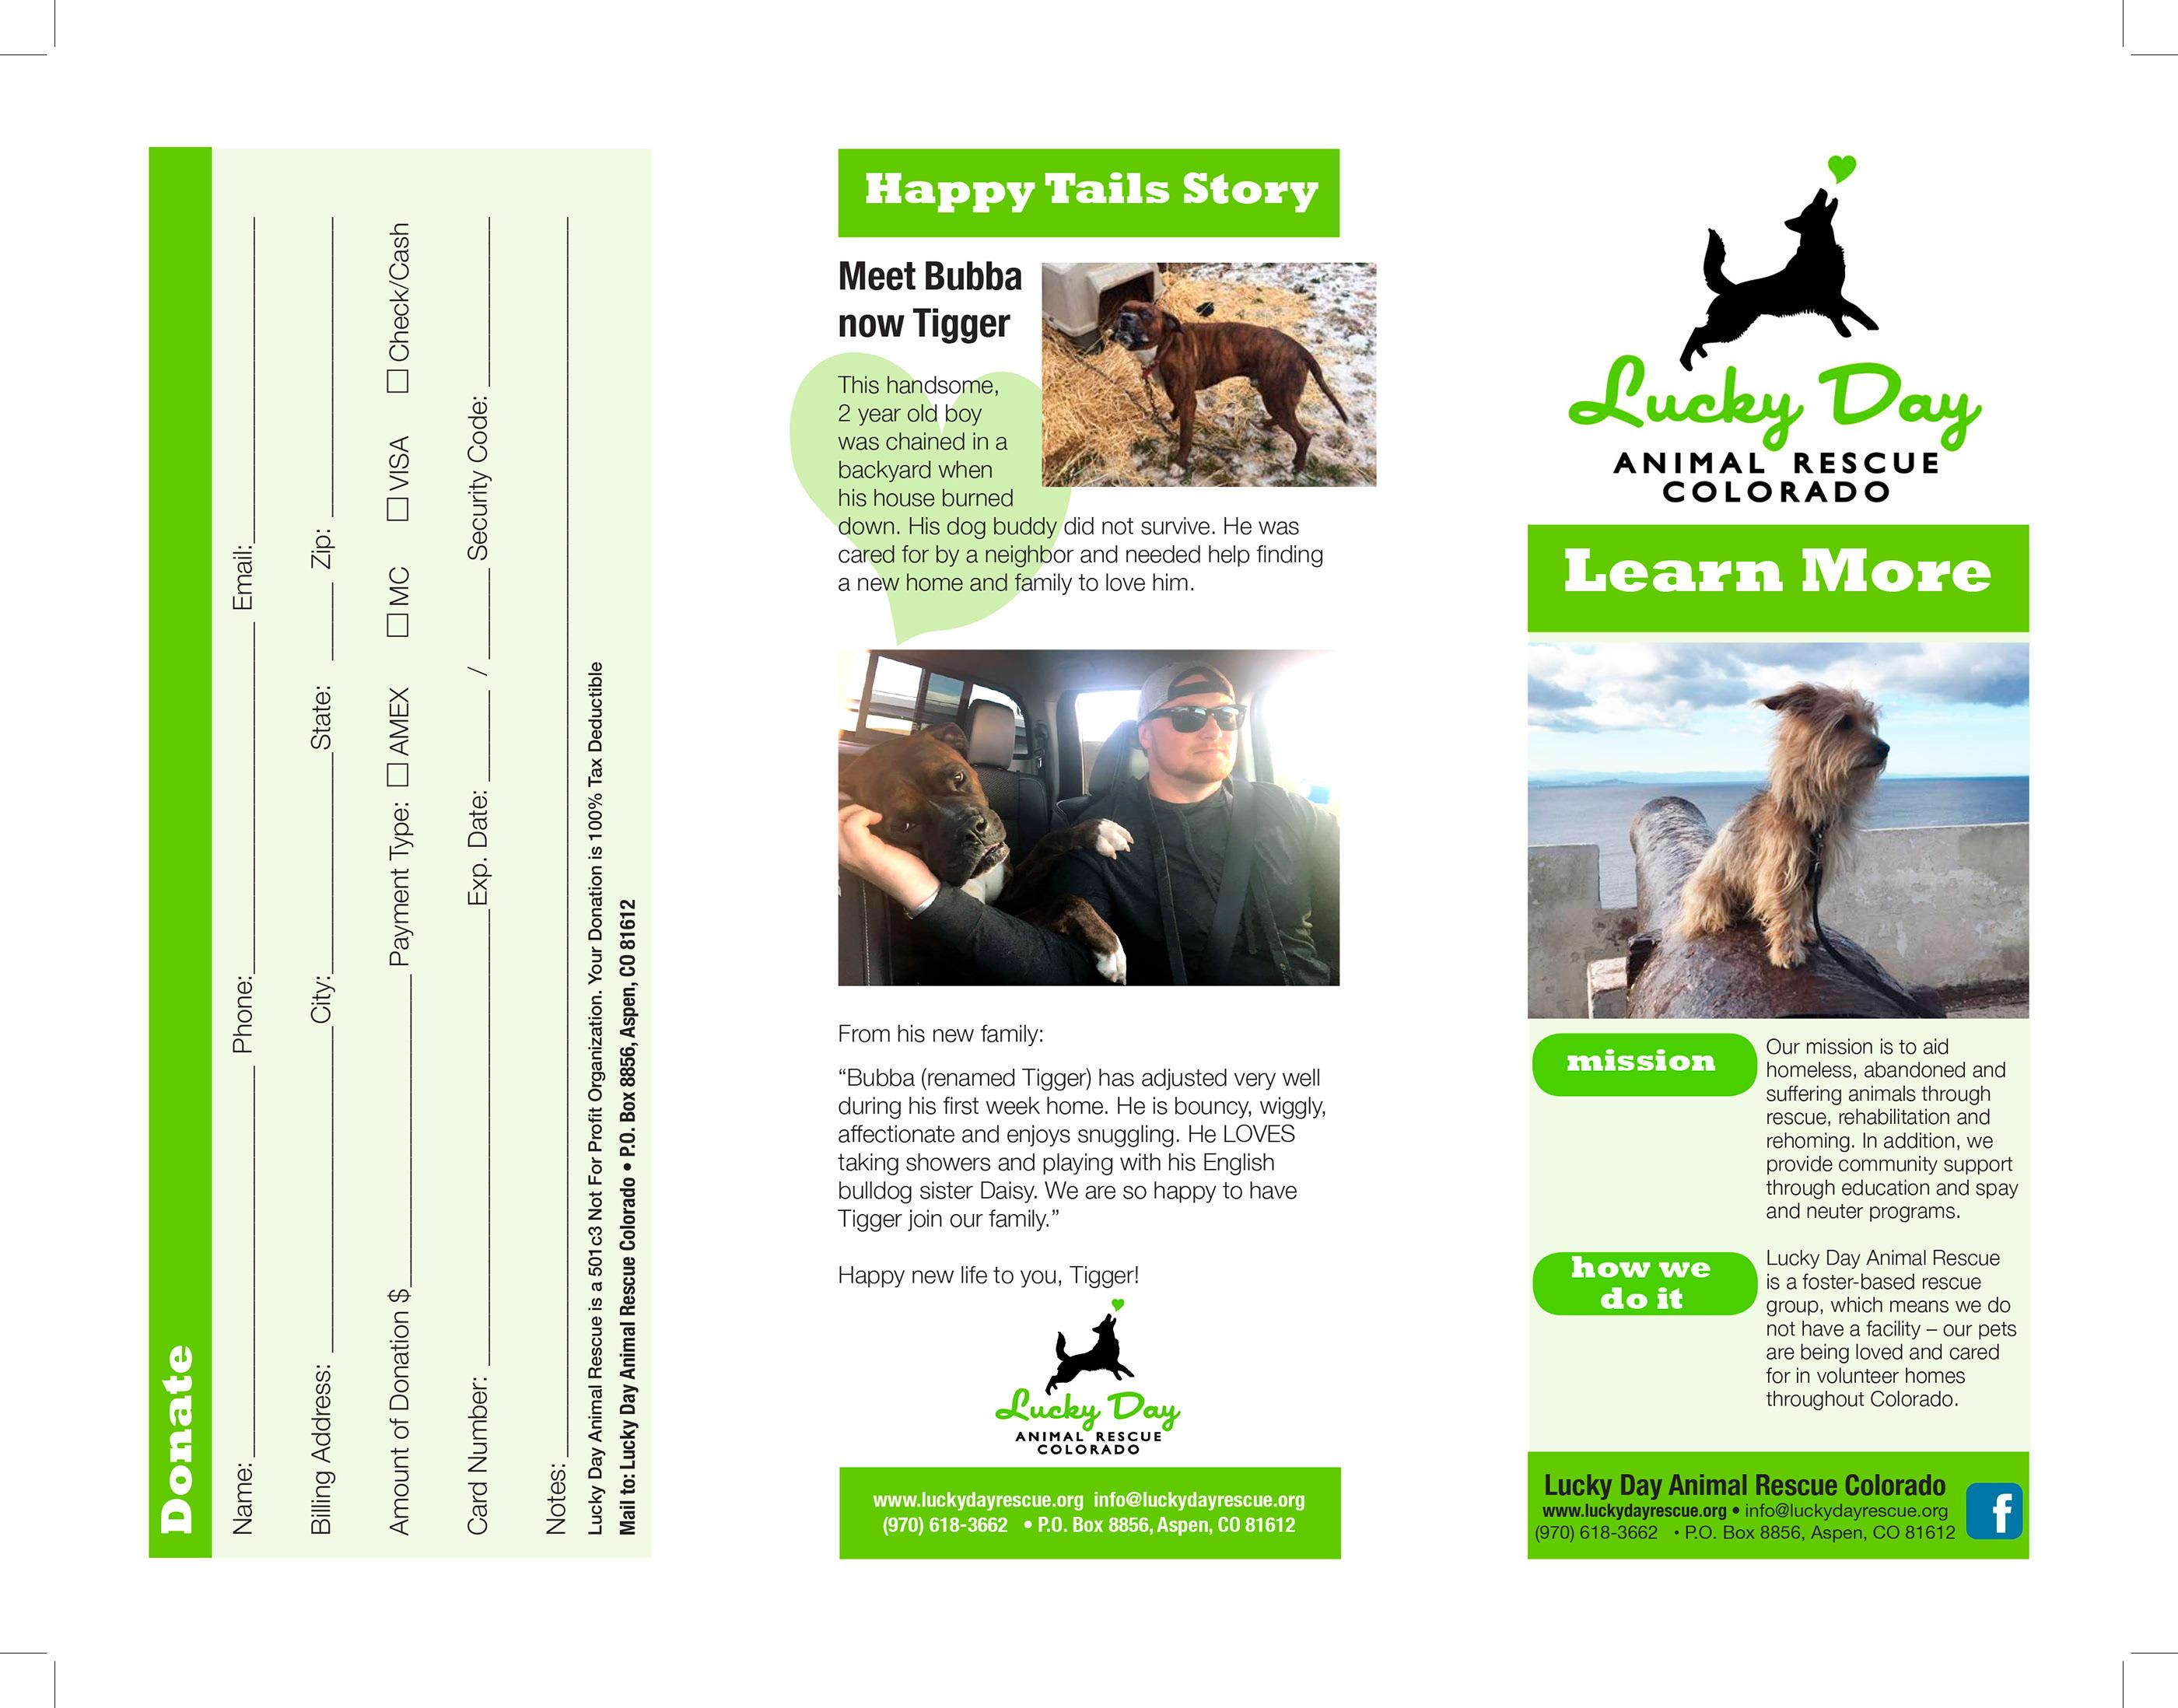 Lucky Day Animal Rescue Colorado Brochure on Behance